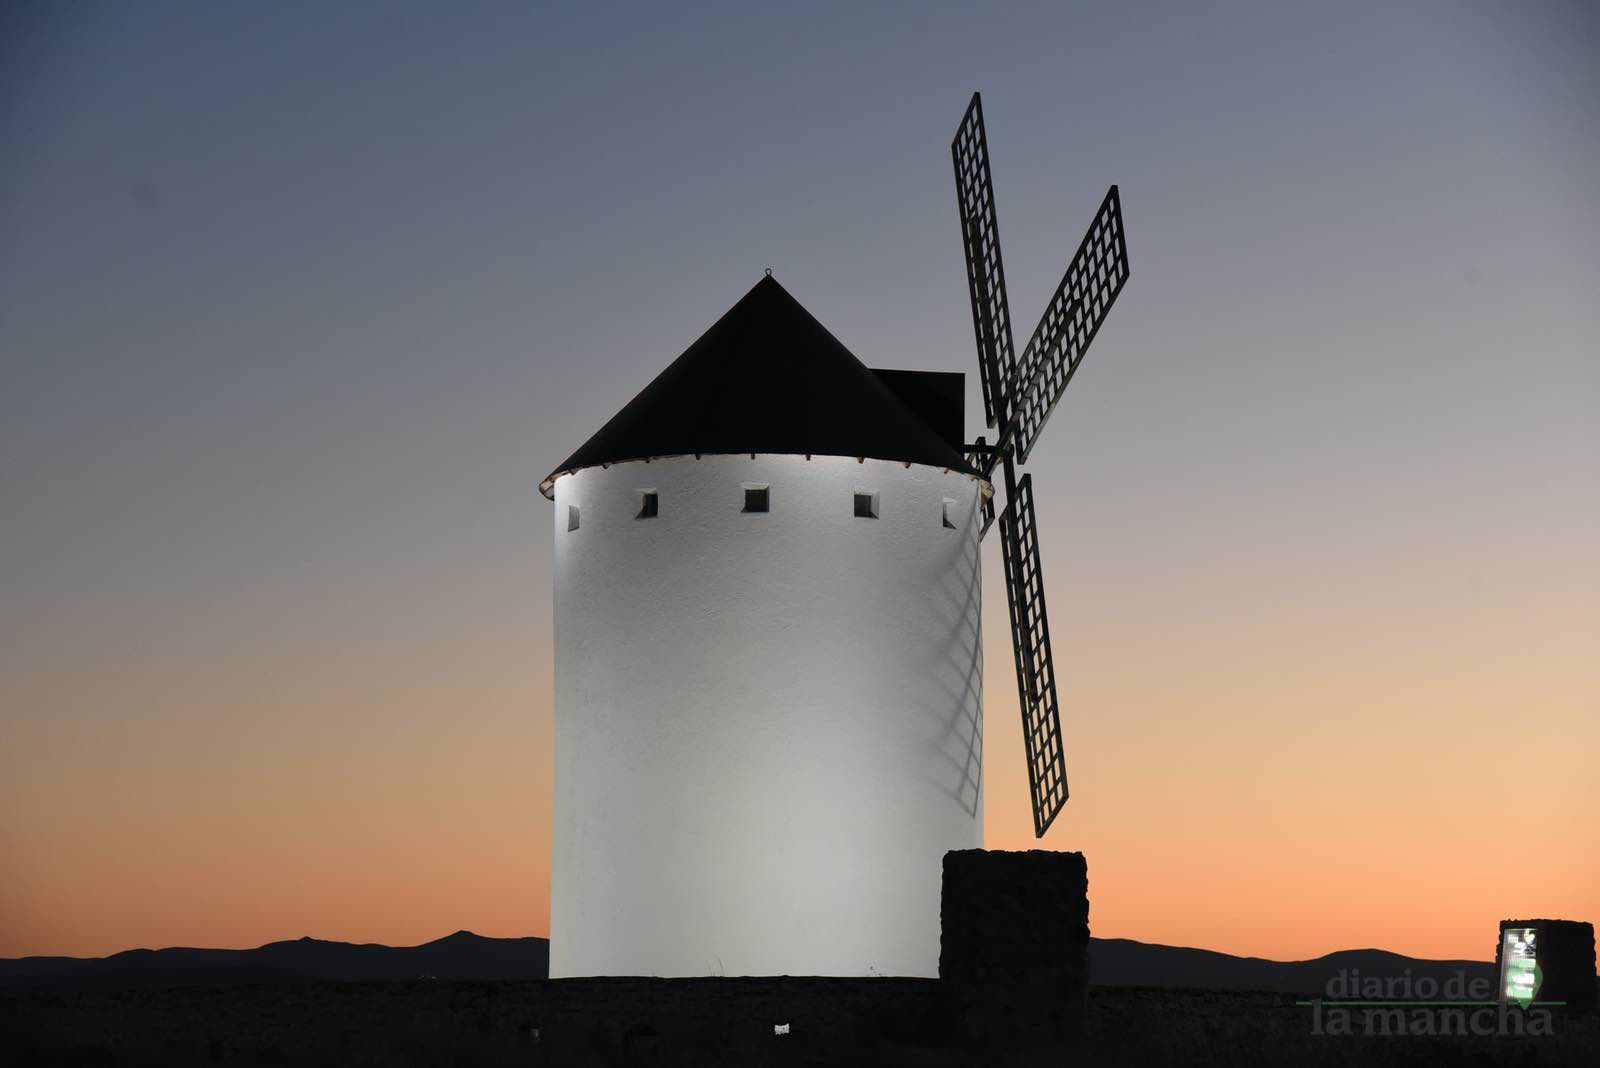 inauguracion iluminacion molinos herencia 14 - Herencia vuelve a inaugurar con una nueva iluminación artística sus molinos de viento